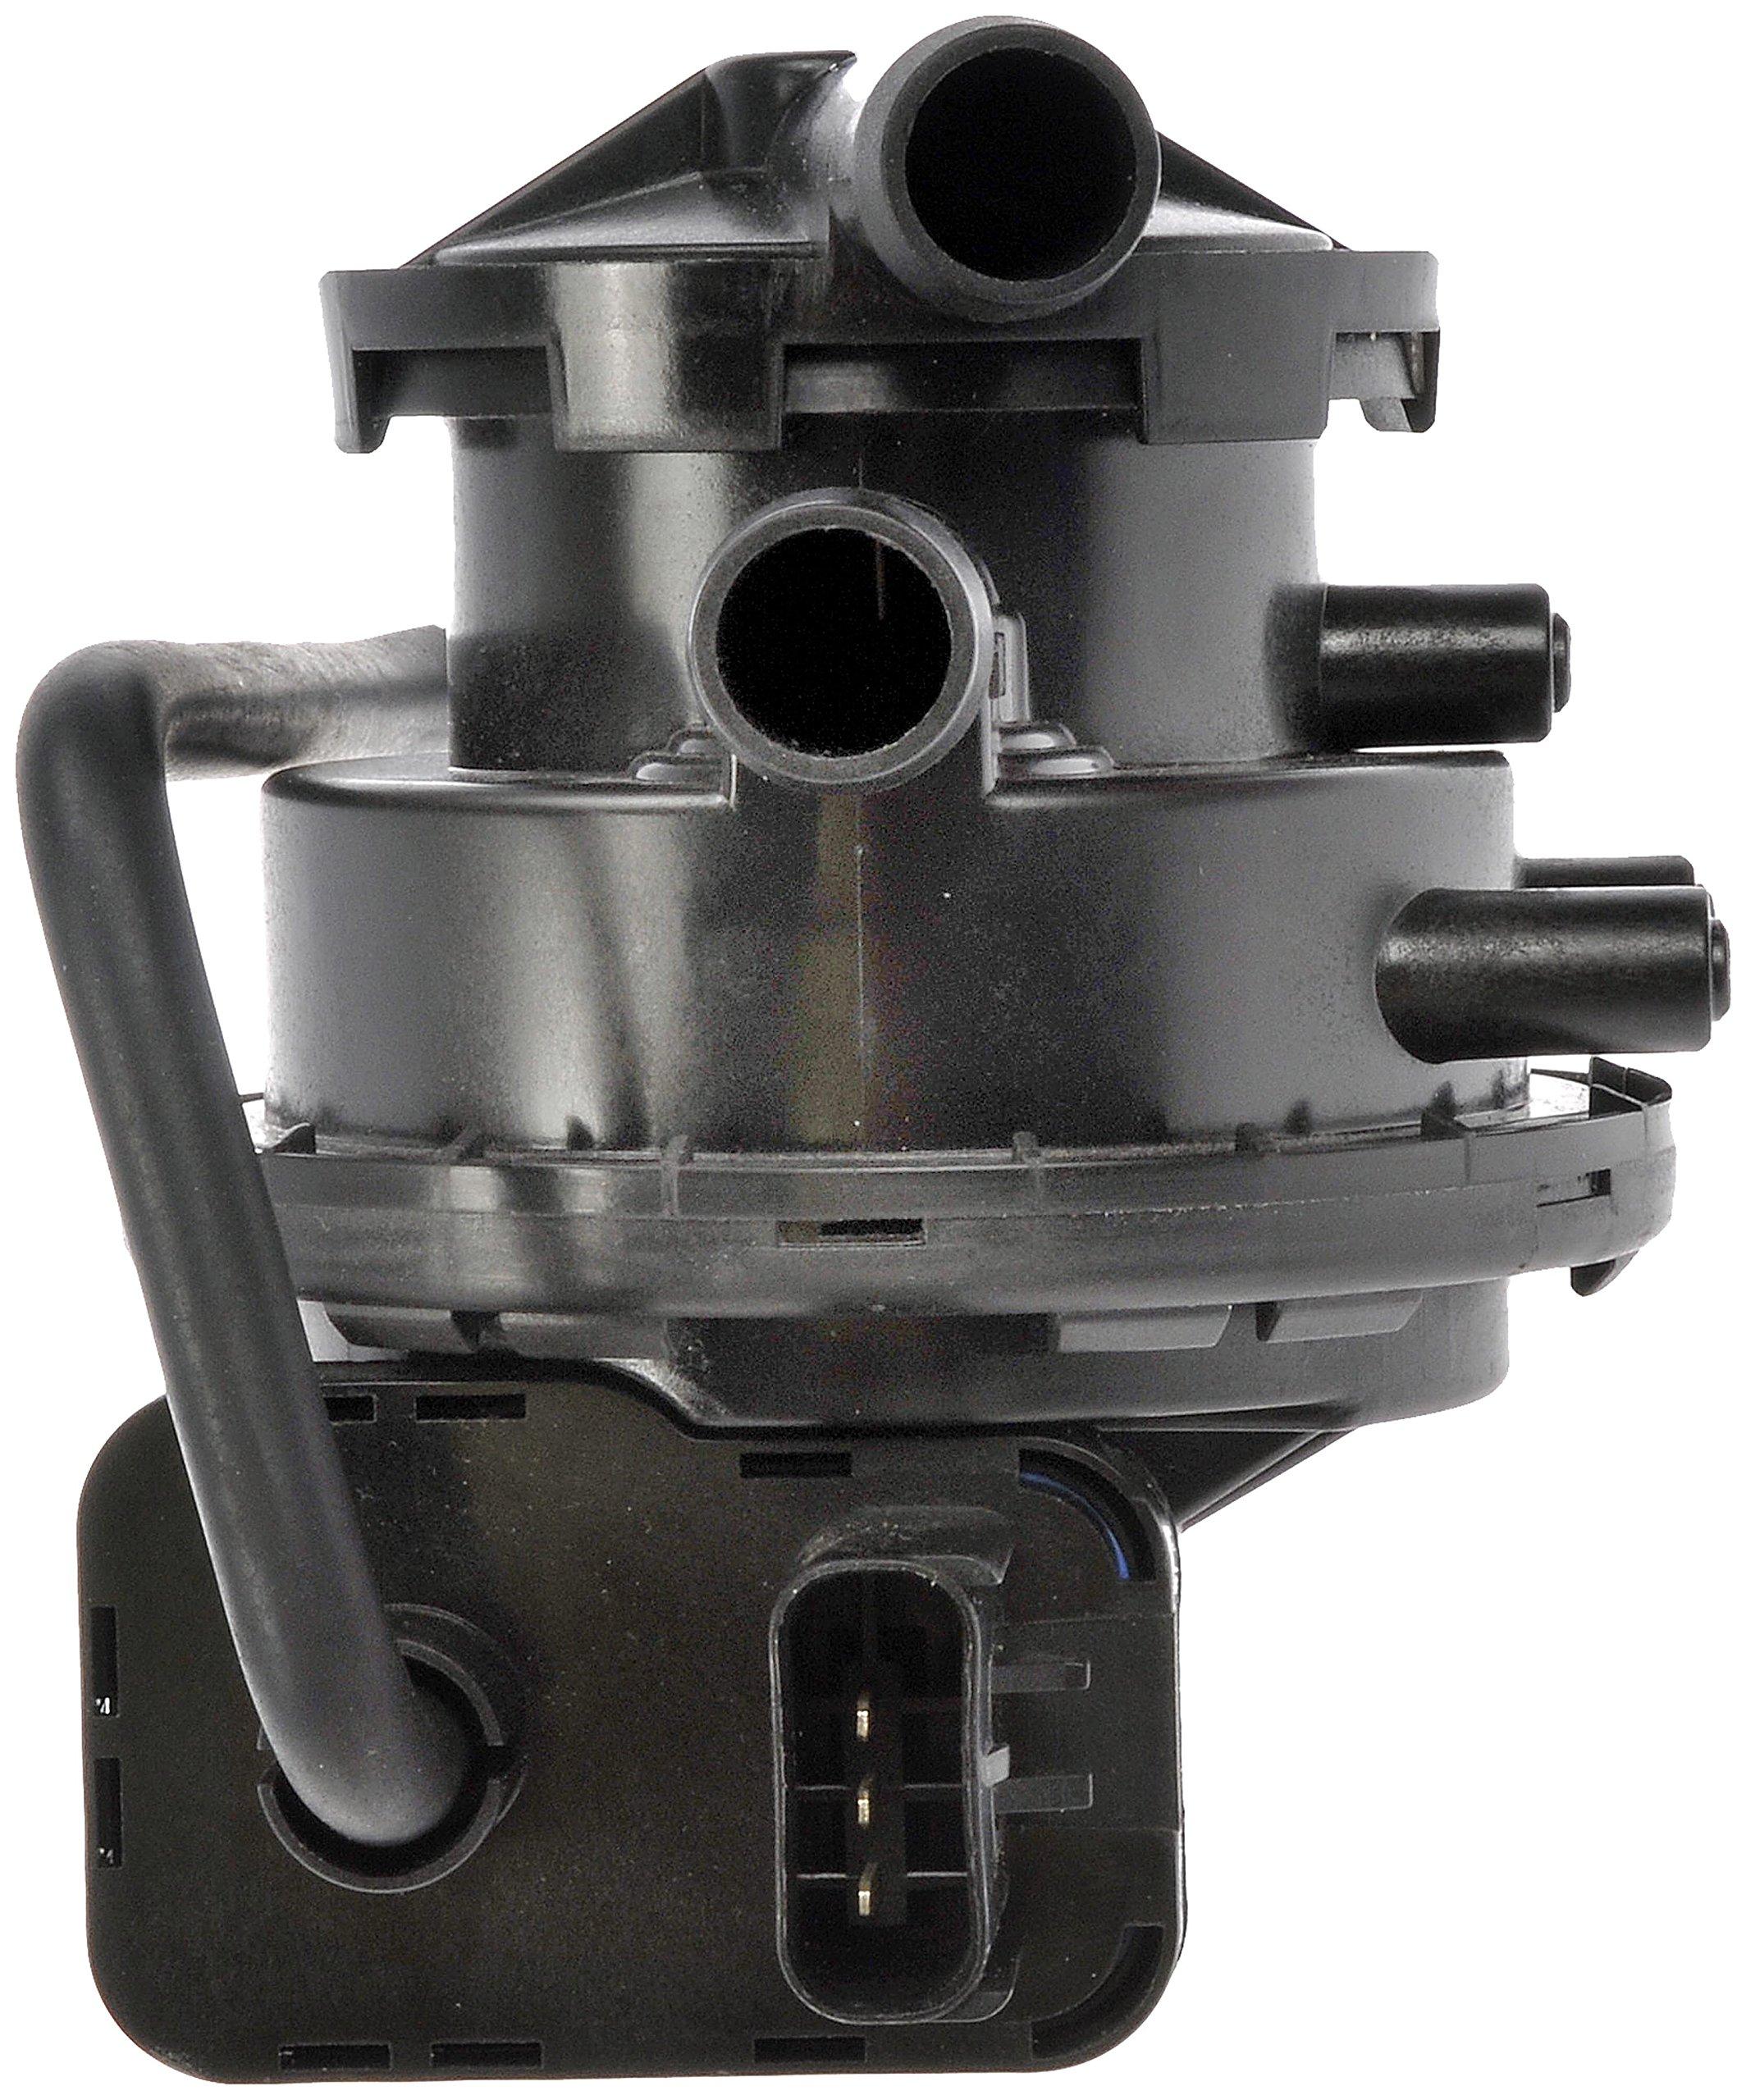 Dorman 310-204 Fuel Vapor Leak Detection Pump by Dorman (Image #2)